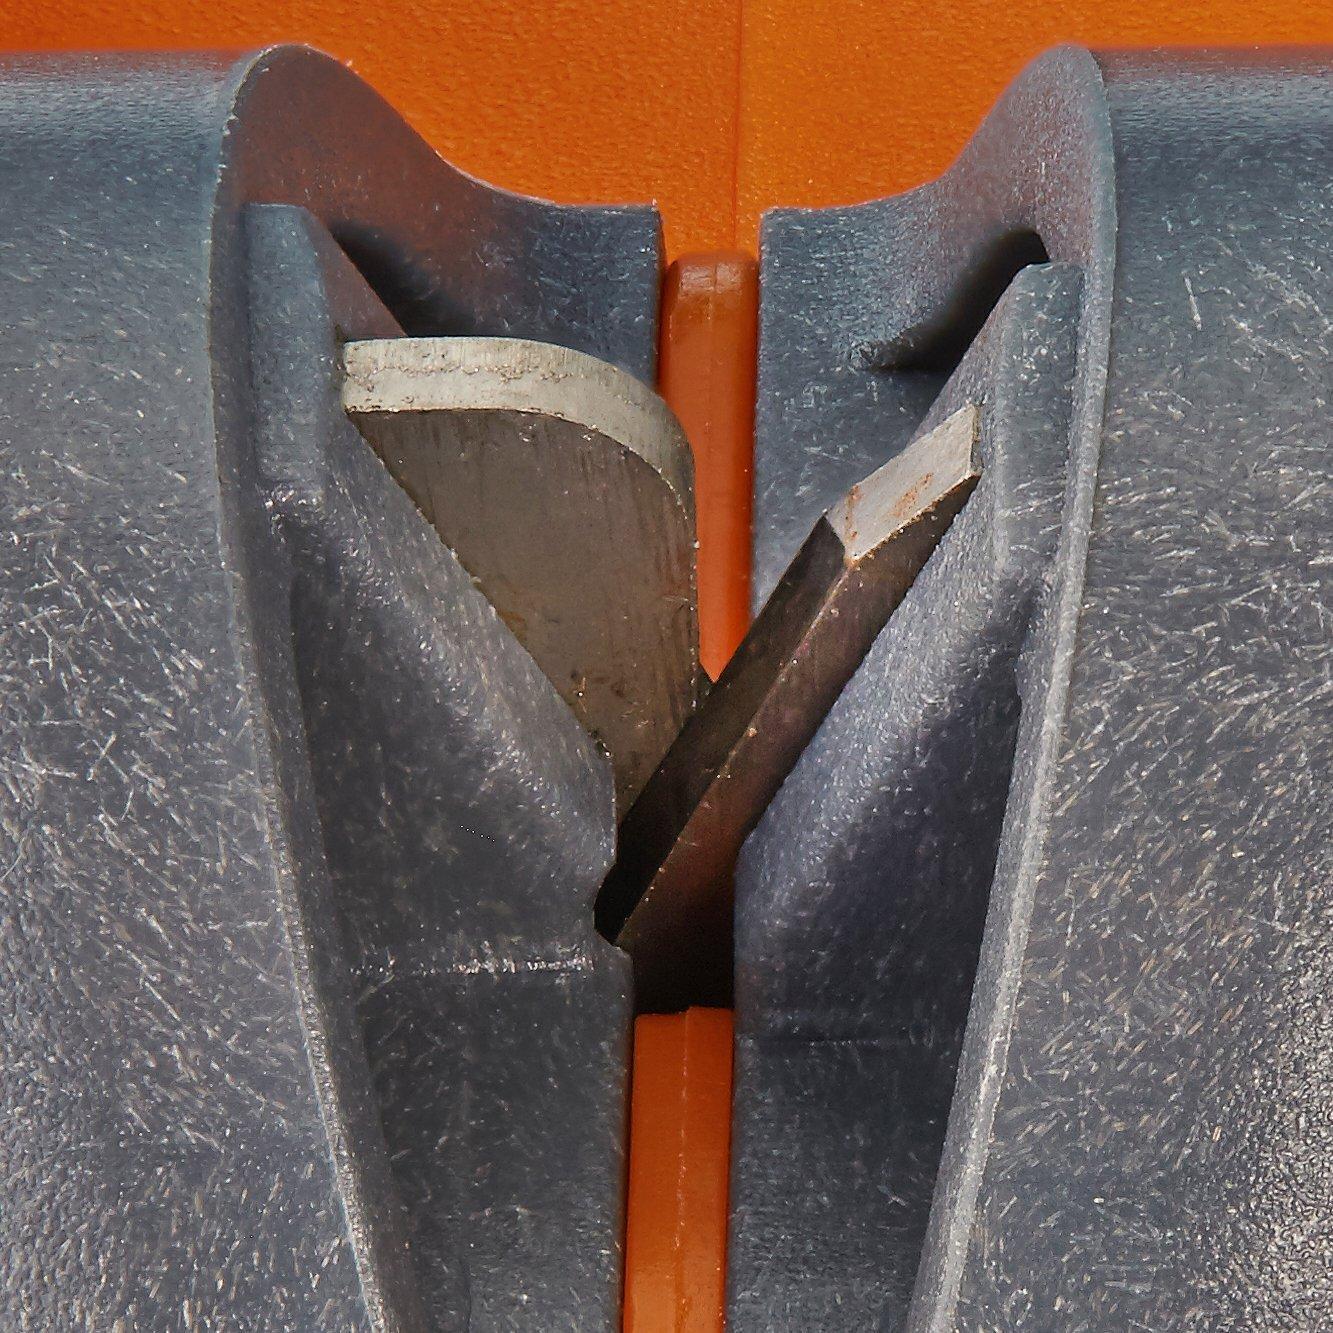 Amazon.com: Afilador Smiths 50603 de cuchillas de ...